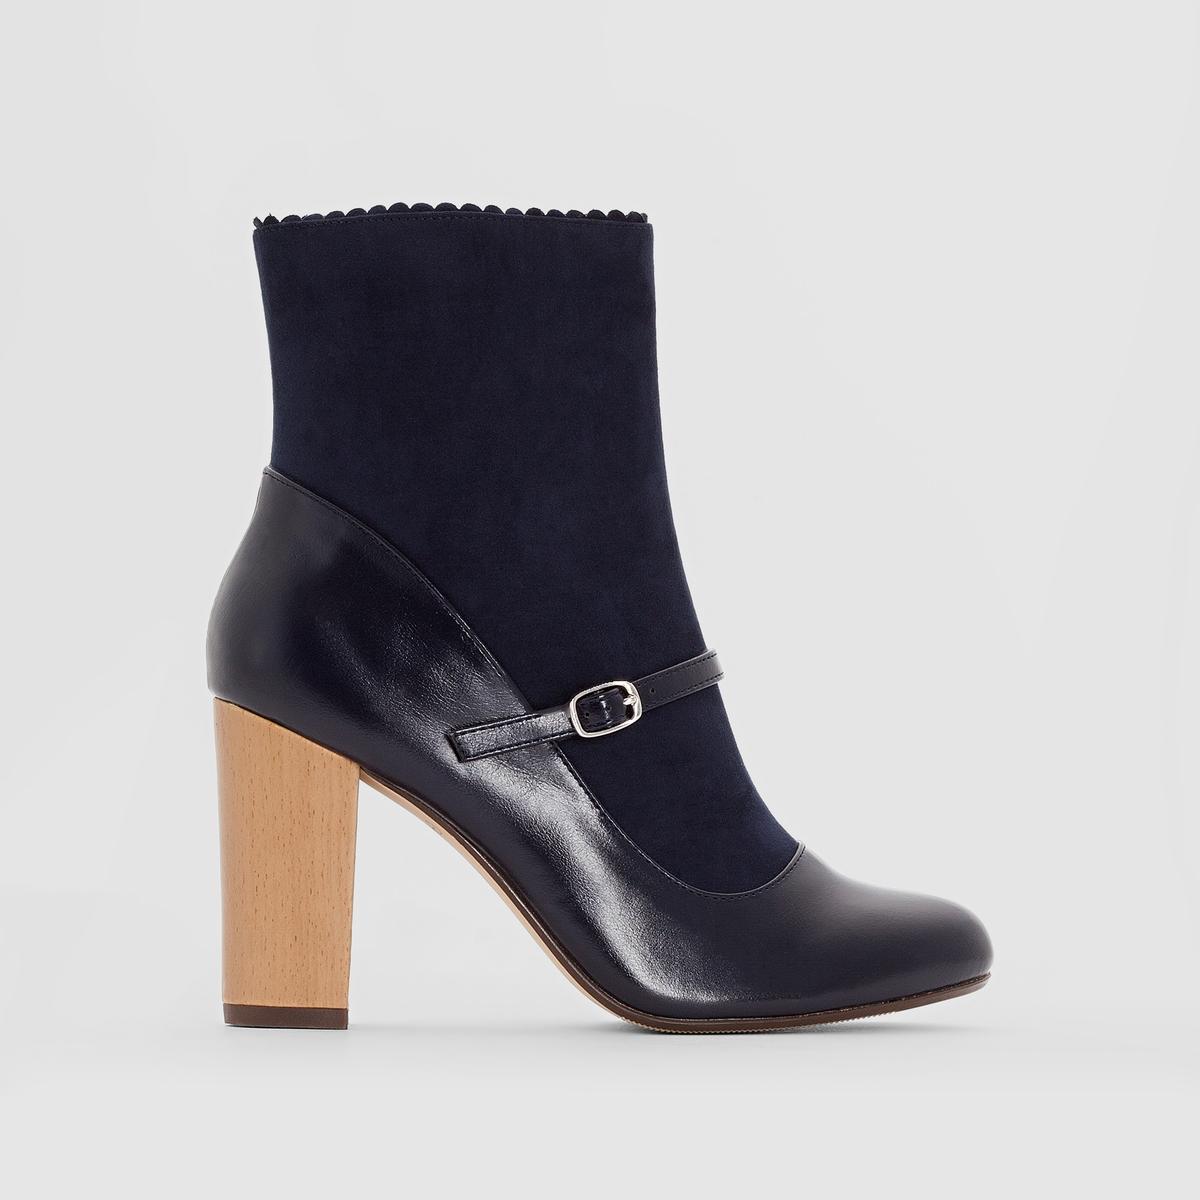 Ботильоны кожаные, каблук под деревоПодкладка : кожа и текстиль     Стелька : кожа     Подошва : эластомер     Высота каблука : 8,5 см.     Форма каблука : широкий     Мысок : закругленный     Застежка : молния сбоку     Марка: Mademoiselle R.<br><br>Цвет: красный темный,темно-синий<br>Размер: 40.37.37